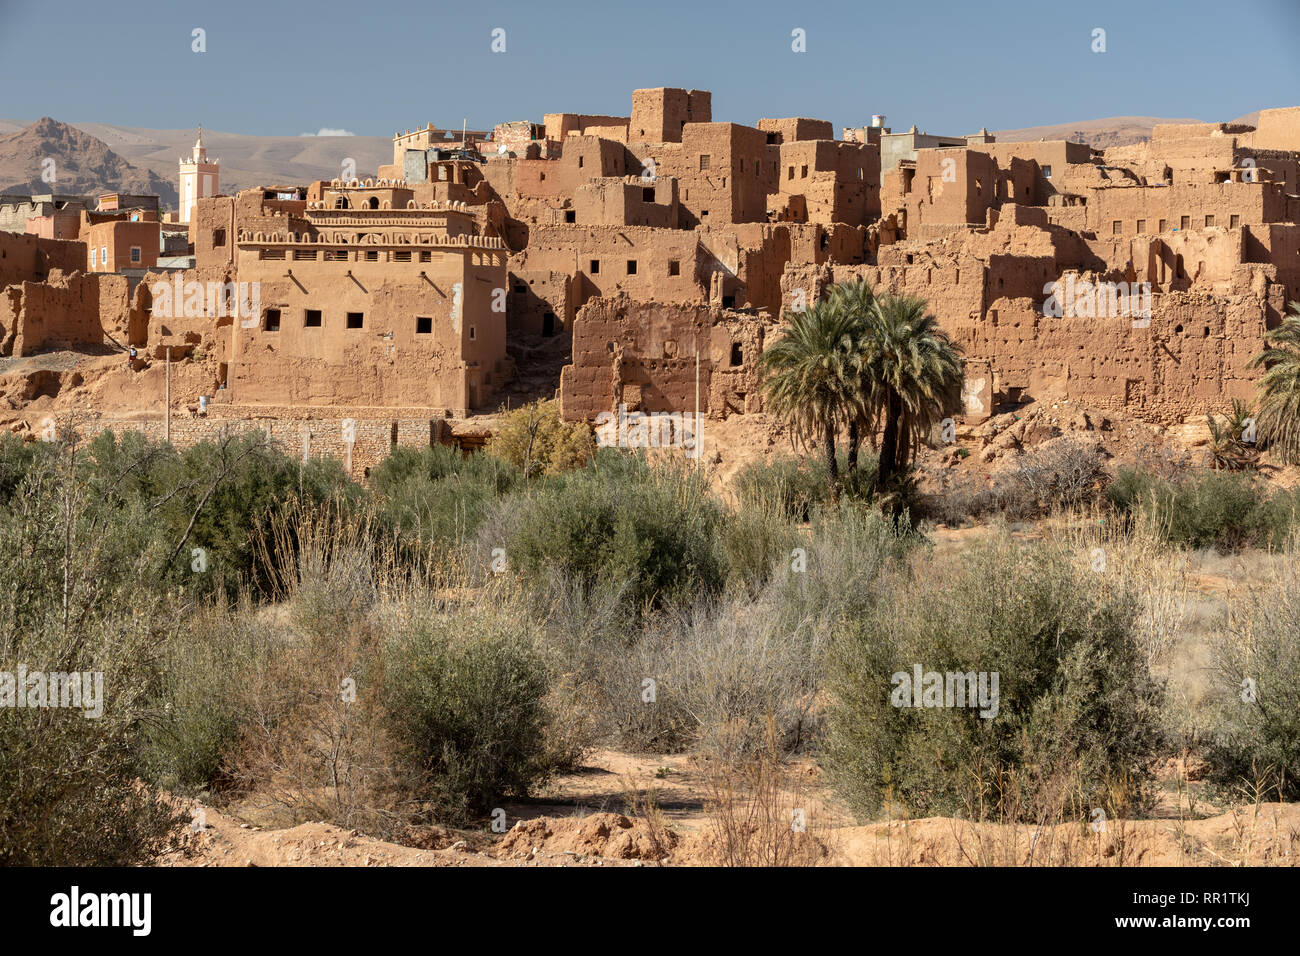 Adobe Backstein Stadt und kasbah von Tinghir, Marokko Stockbild